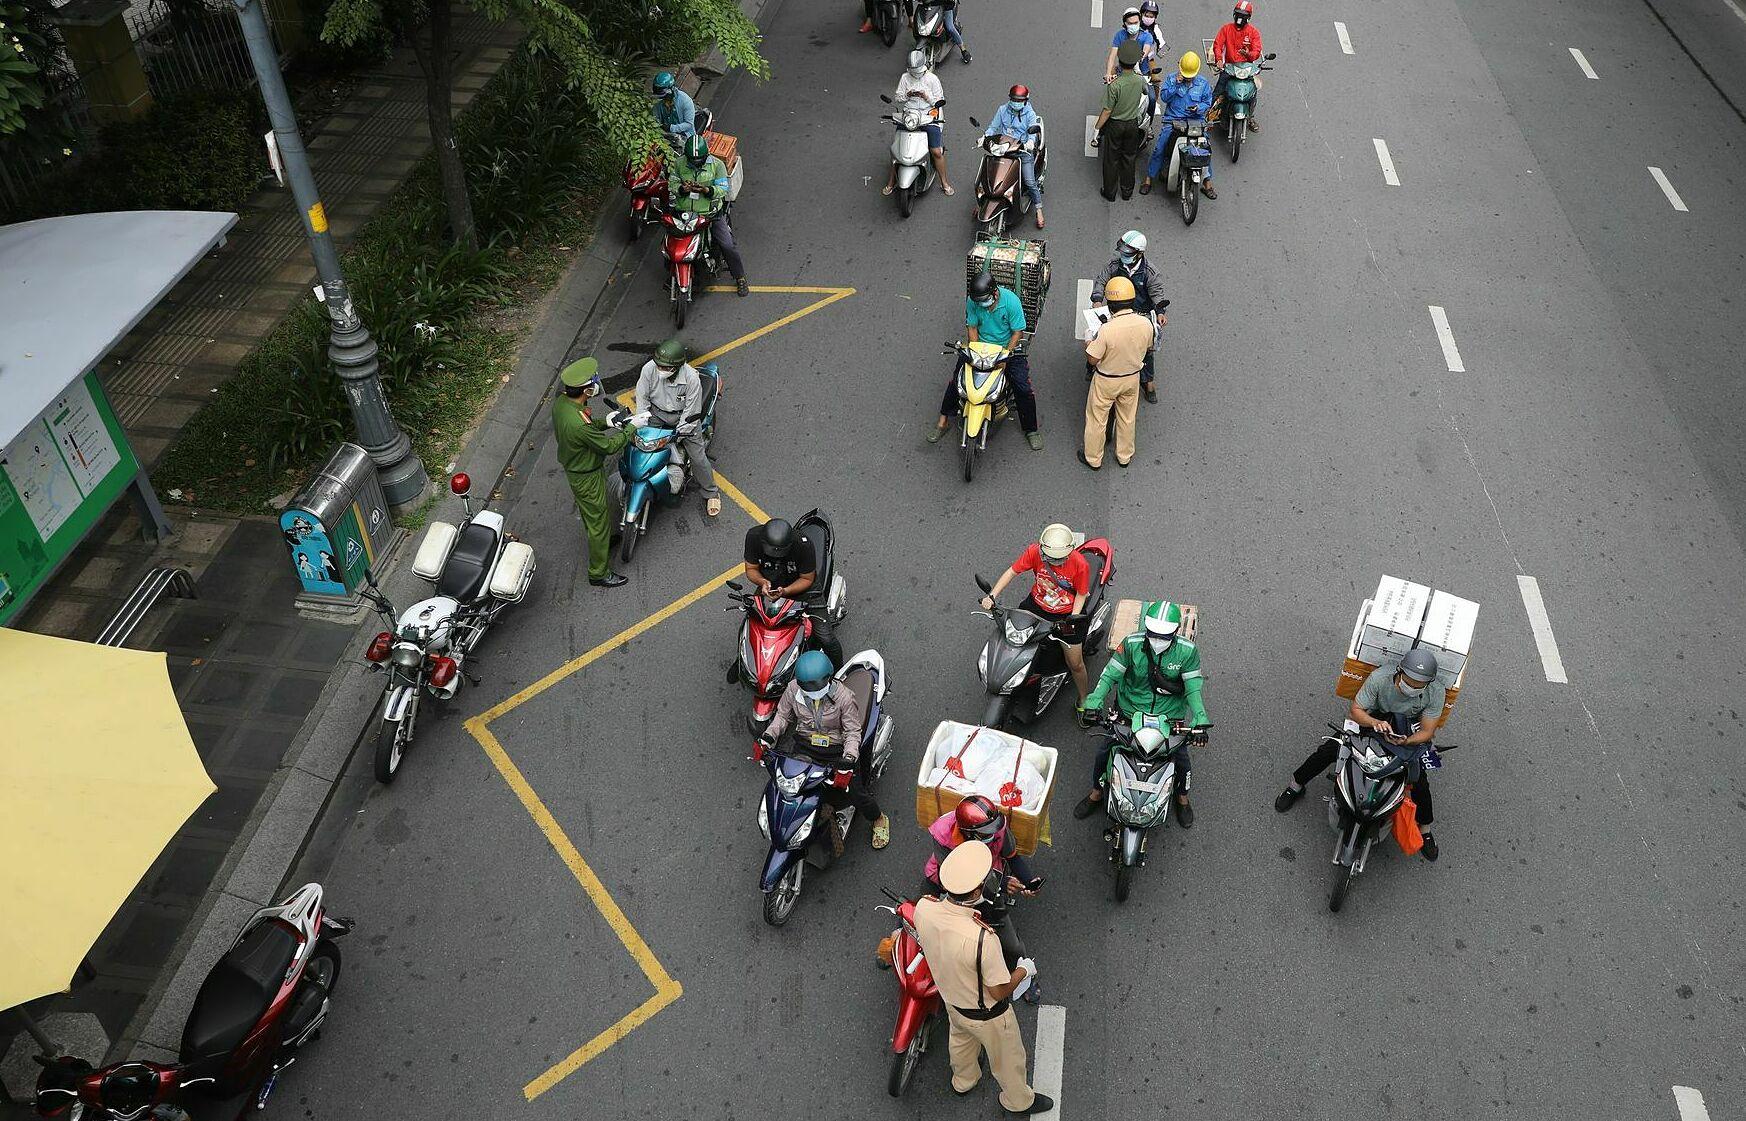 Một số tài xế giao hàng tại chốt kiểm soát trên đường Hoàng Văn Thụ, quận Tân Bình, TP HCM ngày 15/8. Ảnh: Quỳnh Trần